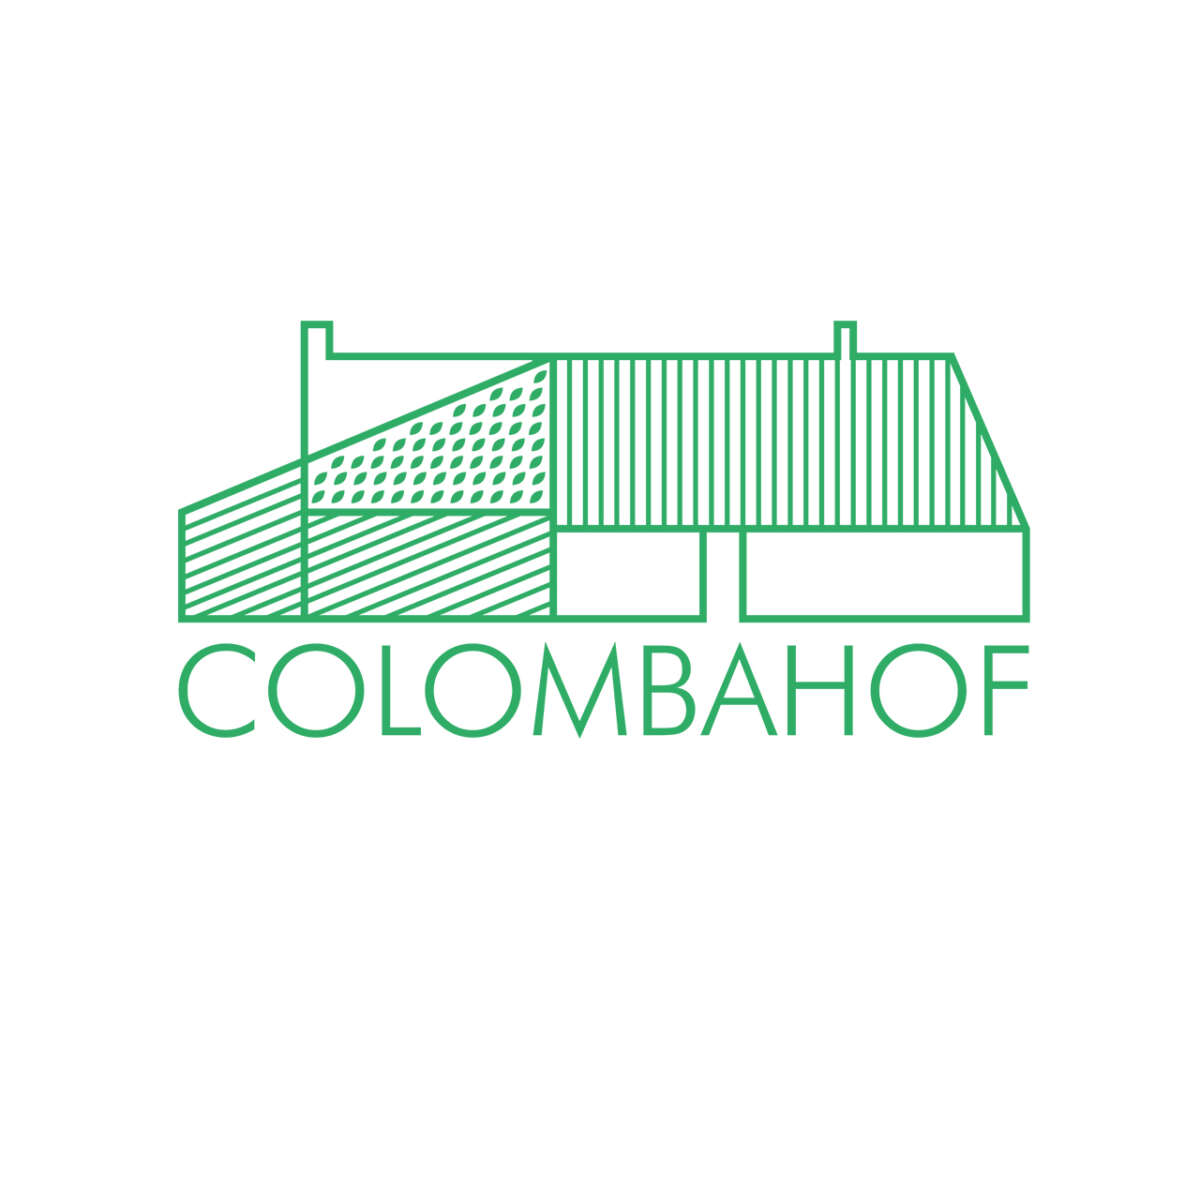 Logo colombahof